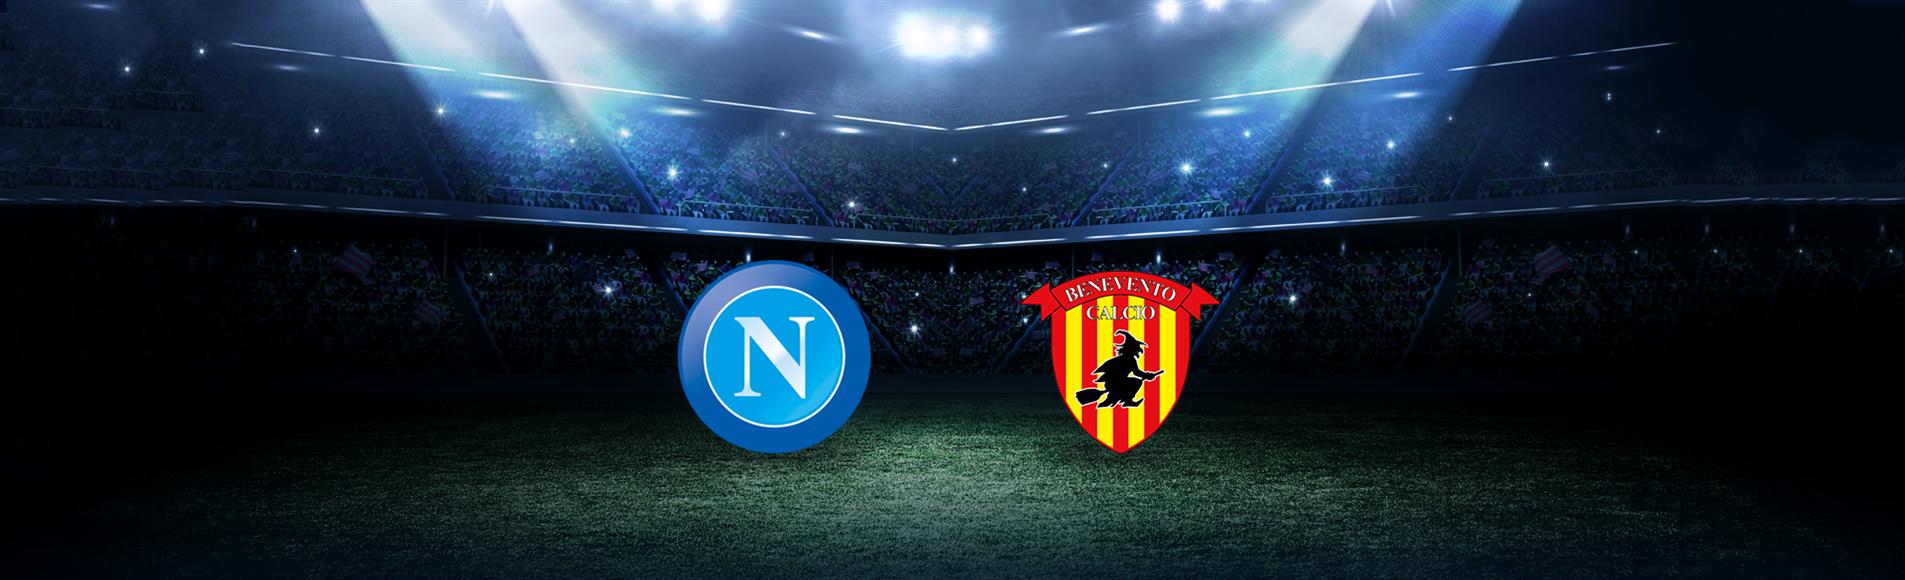 Napoli Calcio cover image